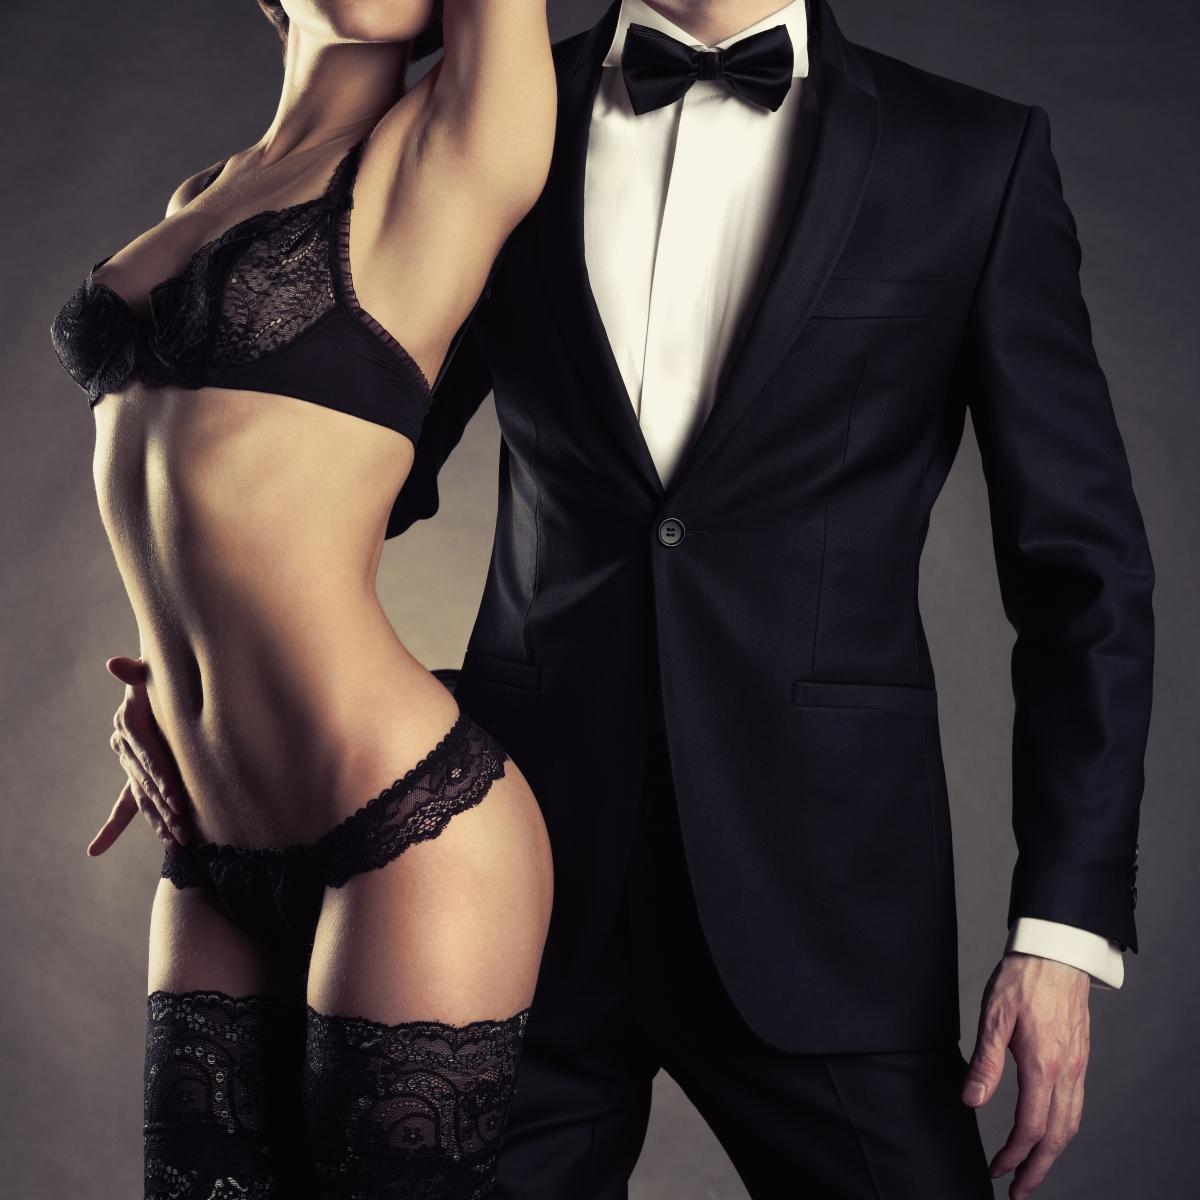 Smarte mennesker har mer sexlyst!